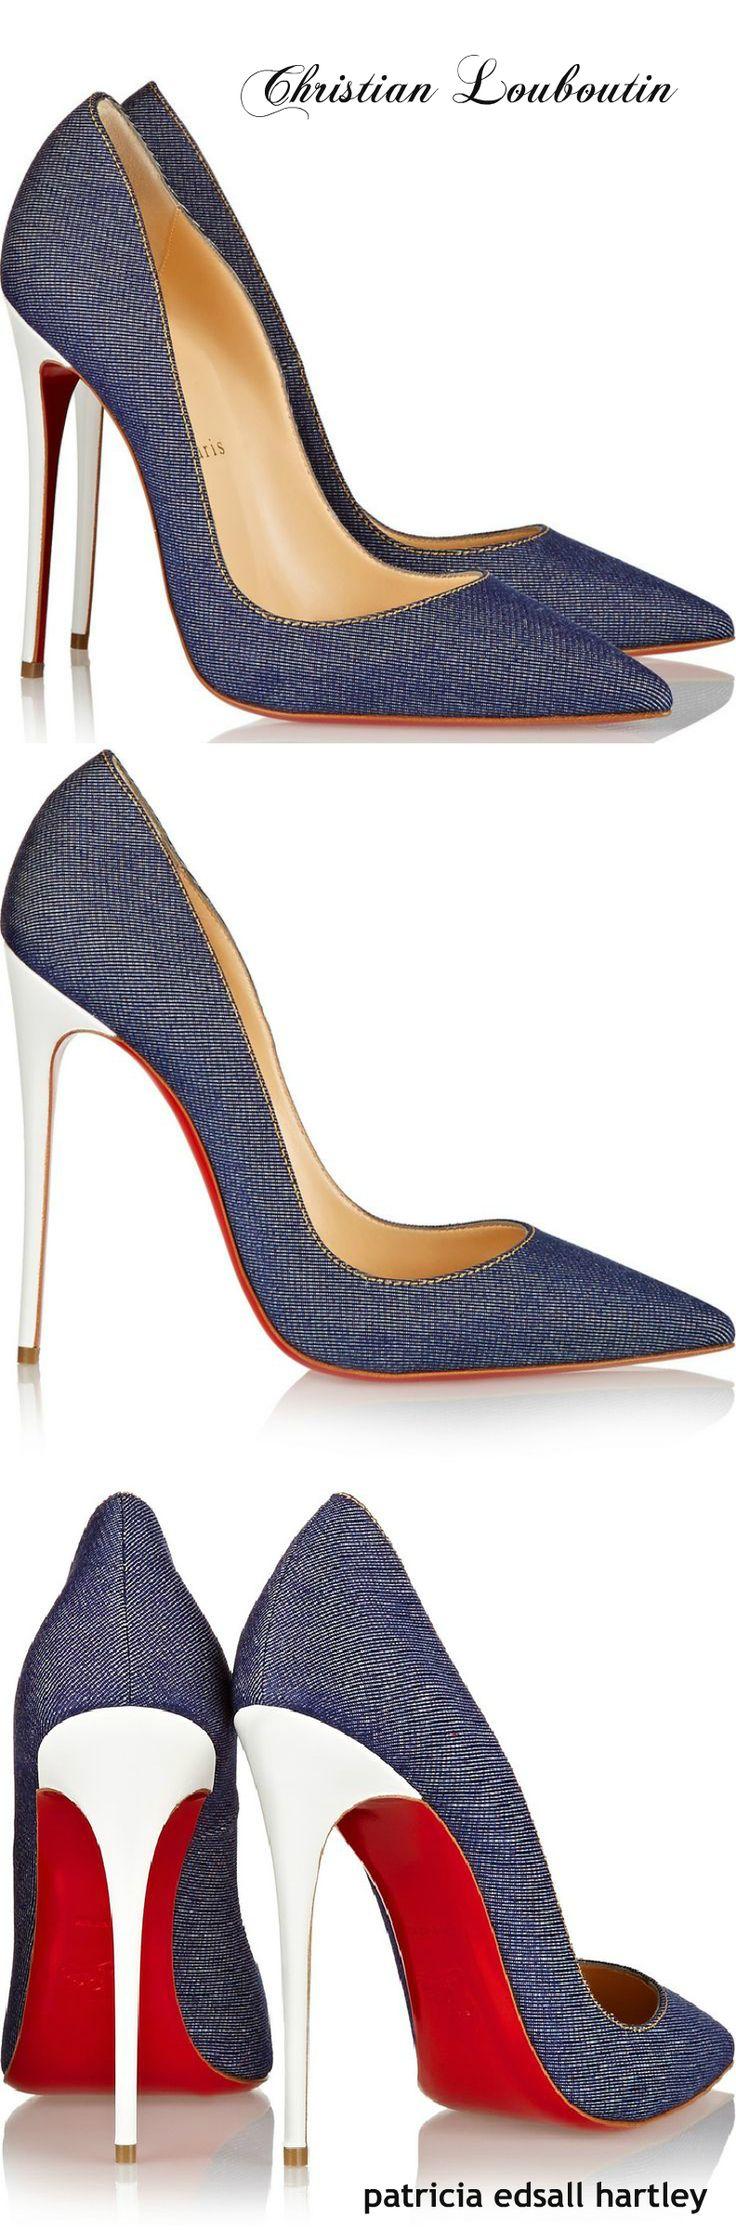 Denim Louboutin heels. Via @swisschicboutiq. #Louboutin #denim